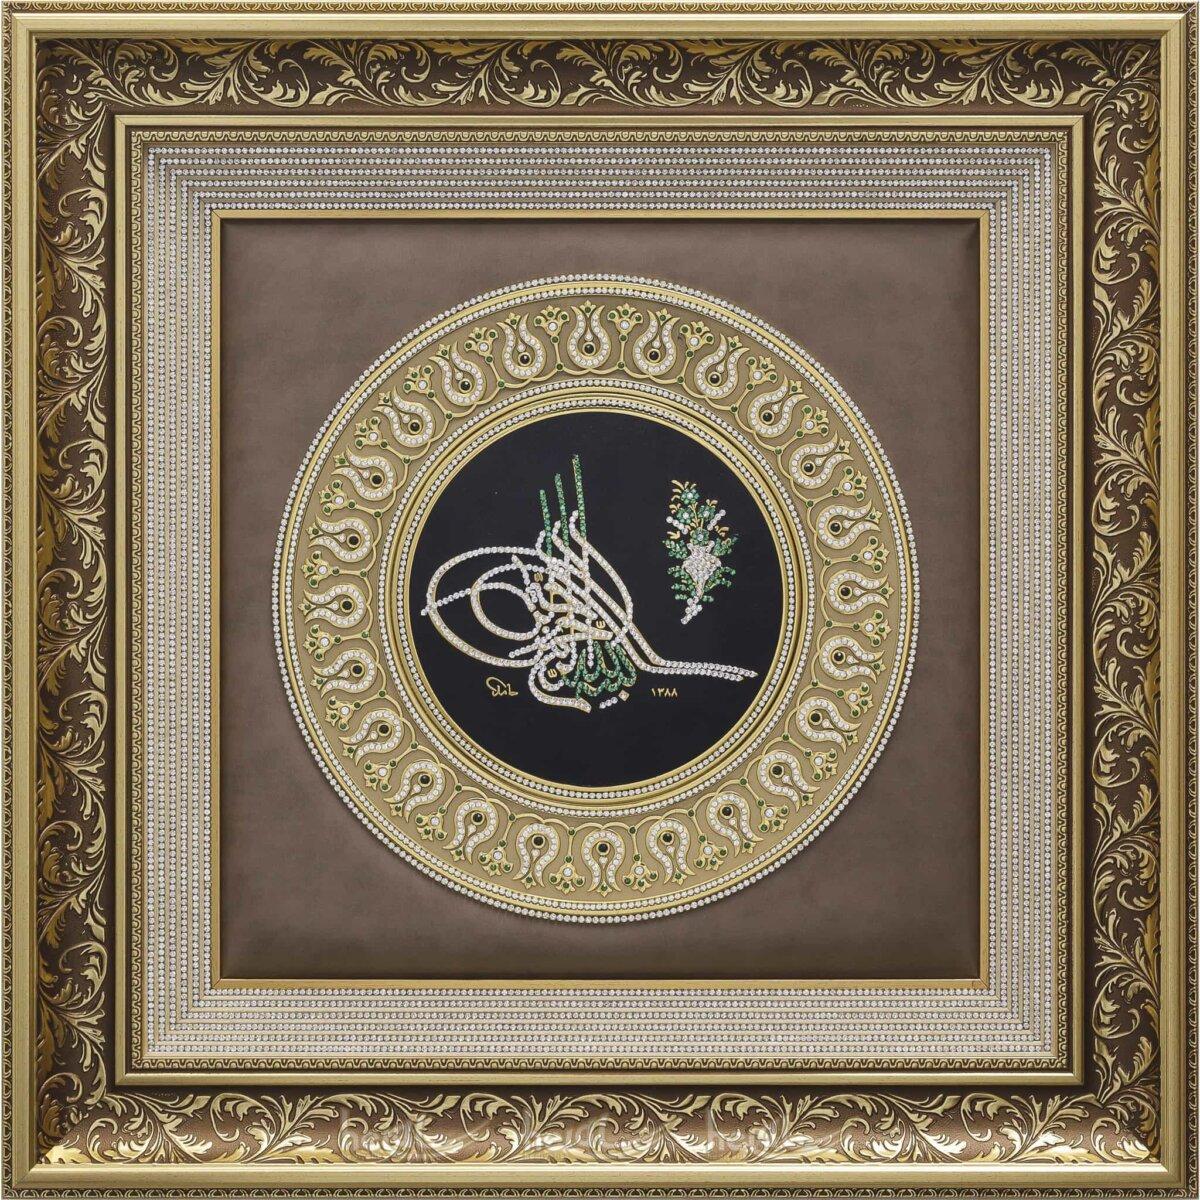 78x78cm Büyük Boy Osmanlı Besmele Tuğrası Paspartusu Taşlı Lüks Çerçeveli Tablo Osmanlı Tabloları